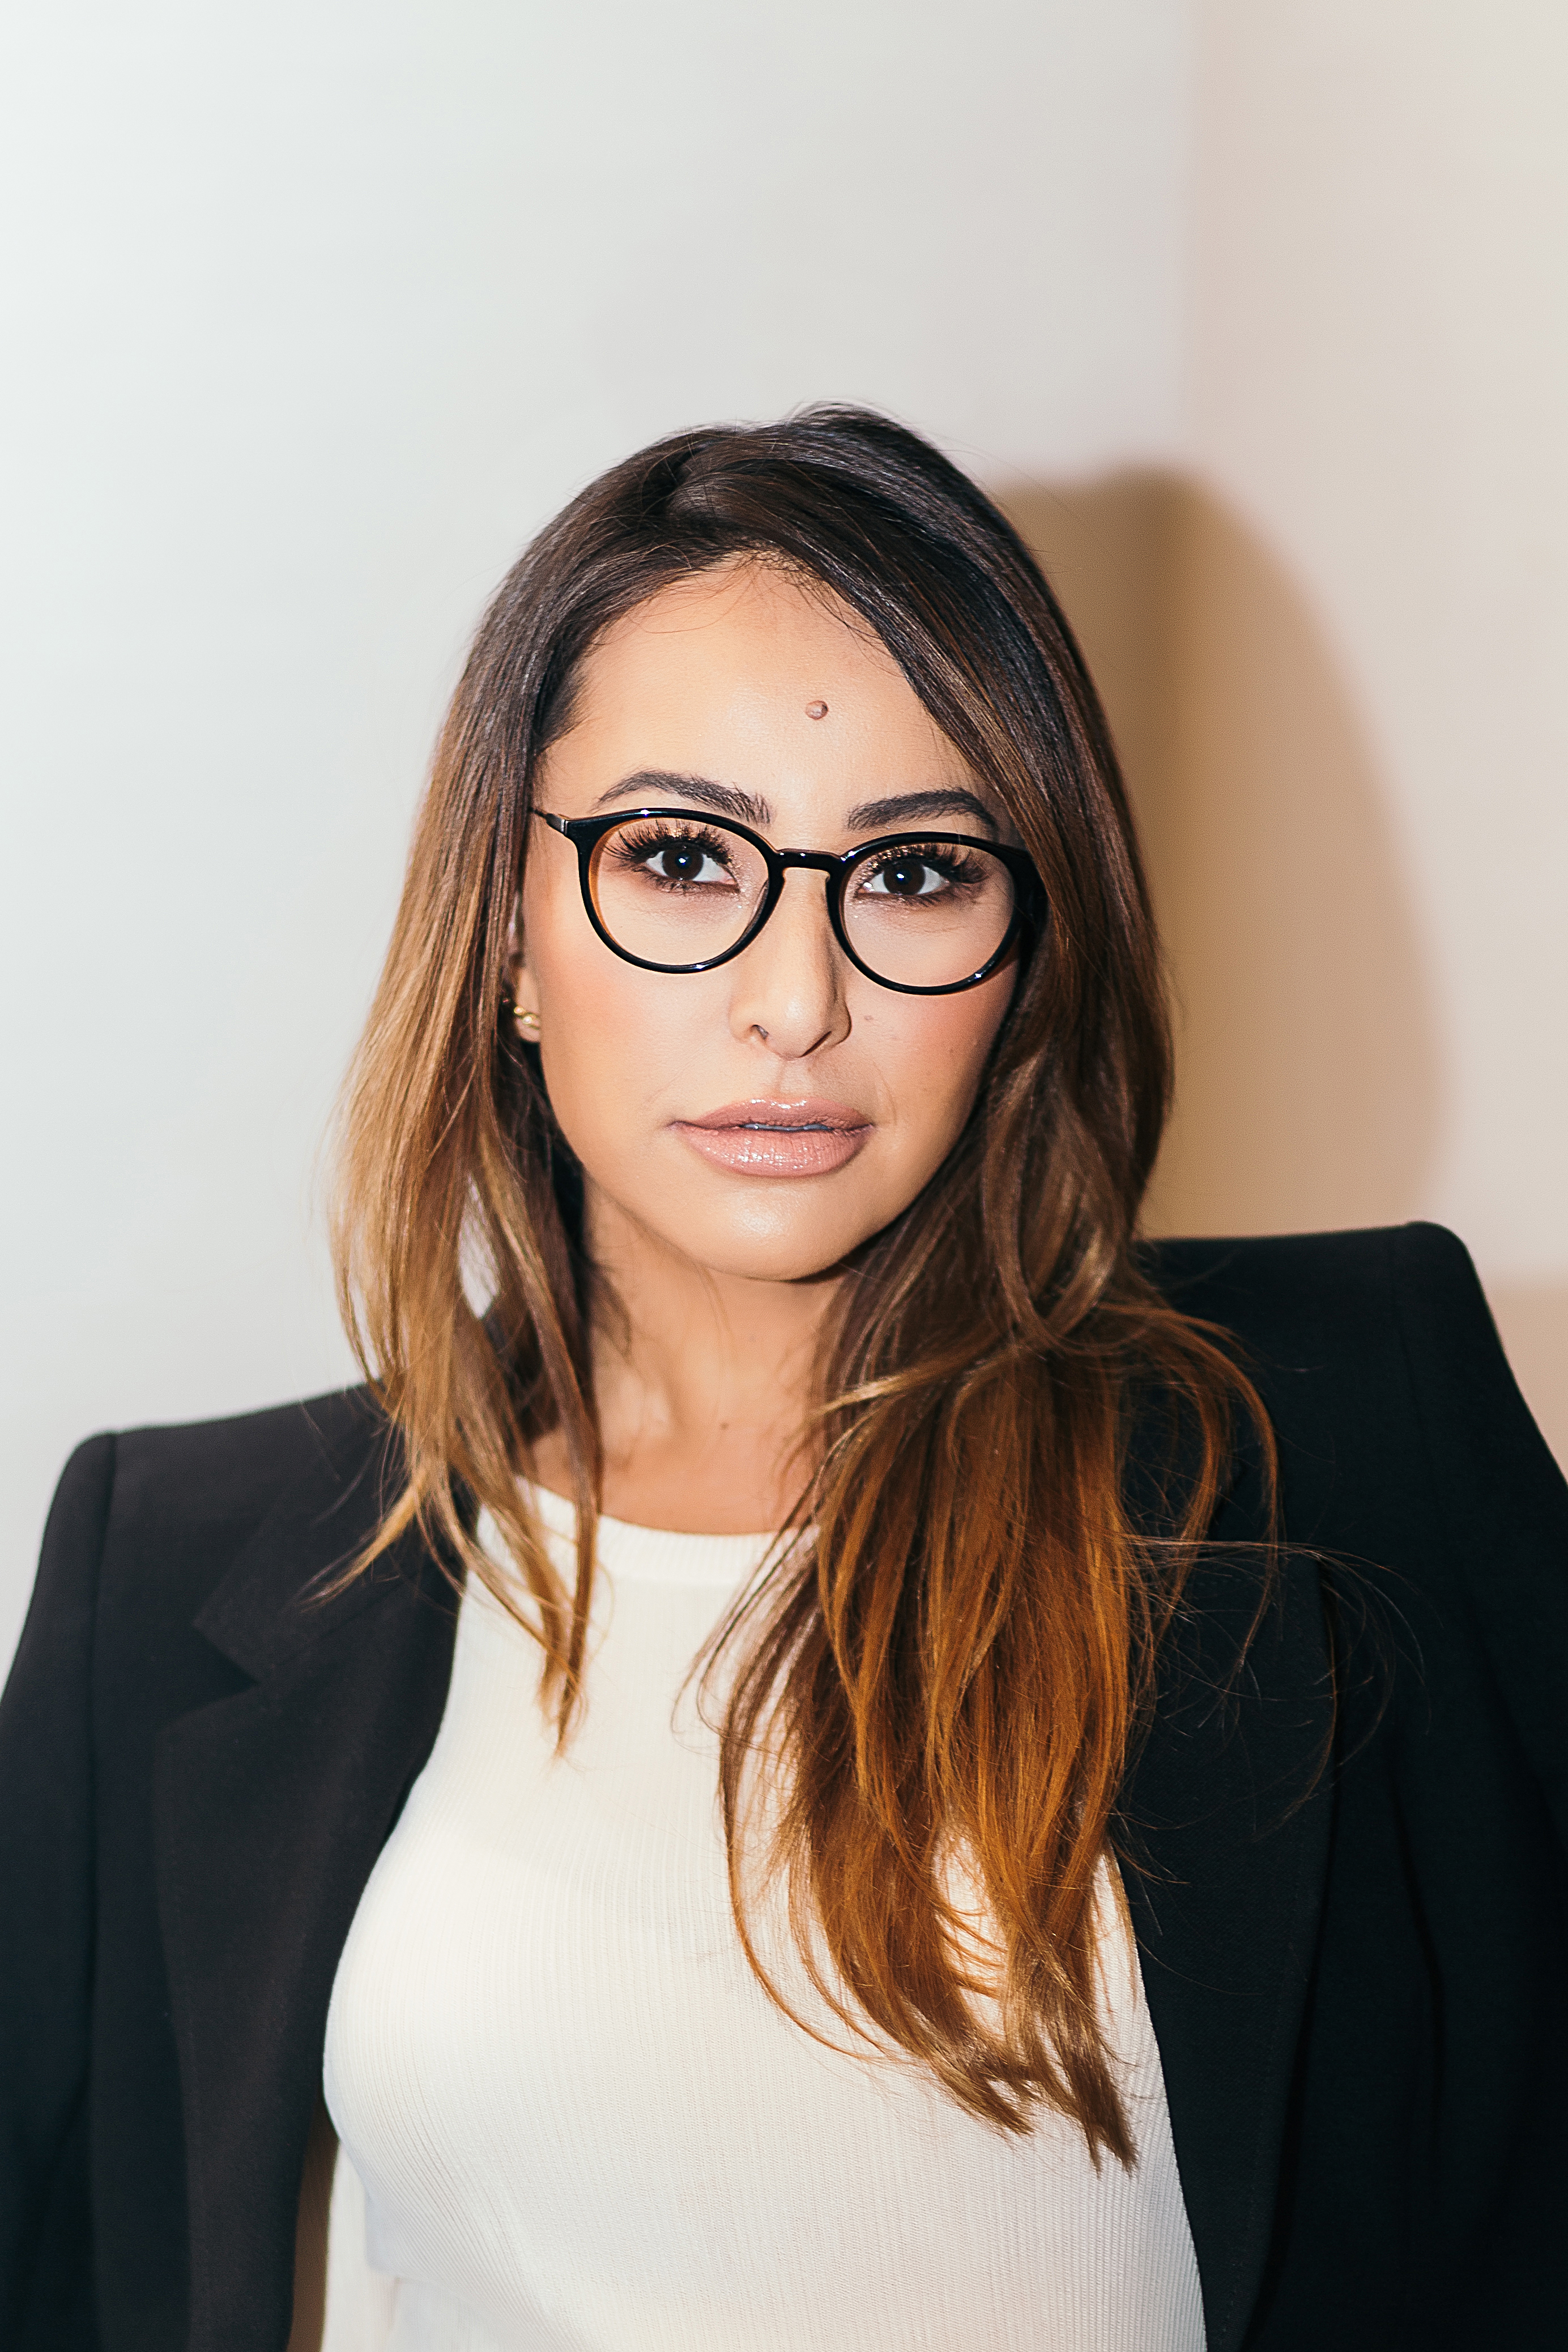 fa42488c4ac9e Óculos Sabrina Sato